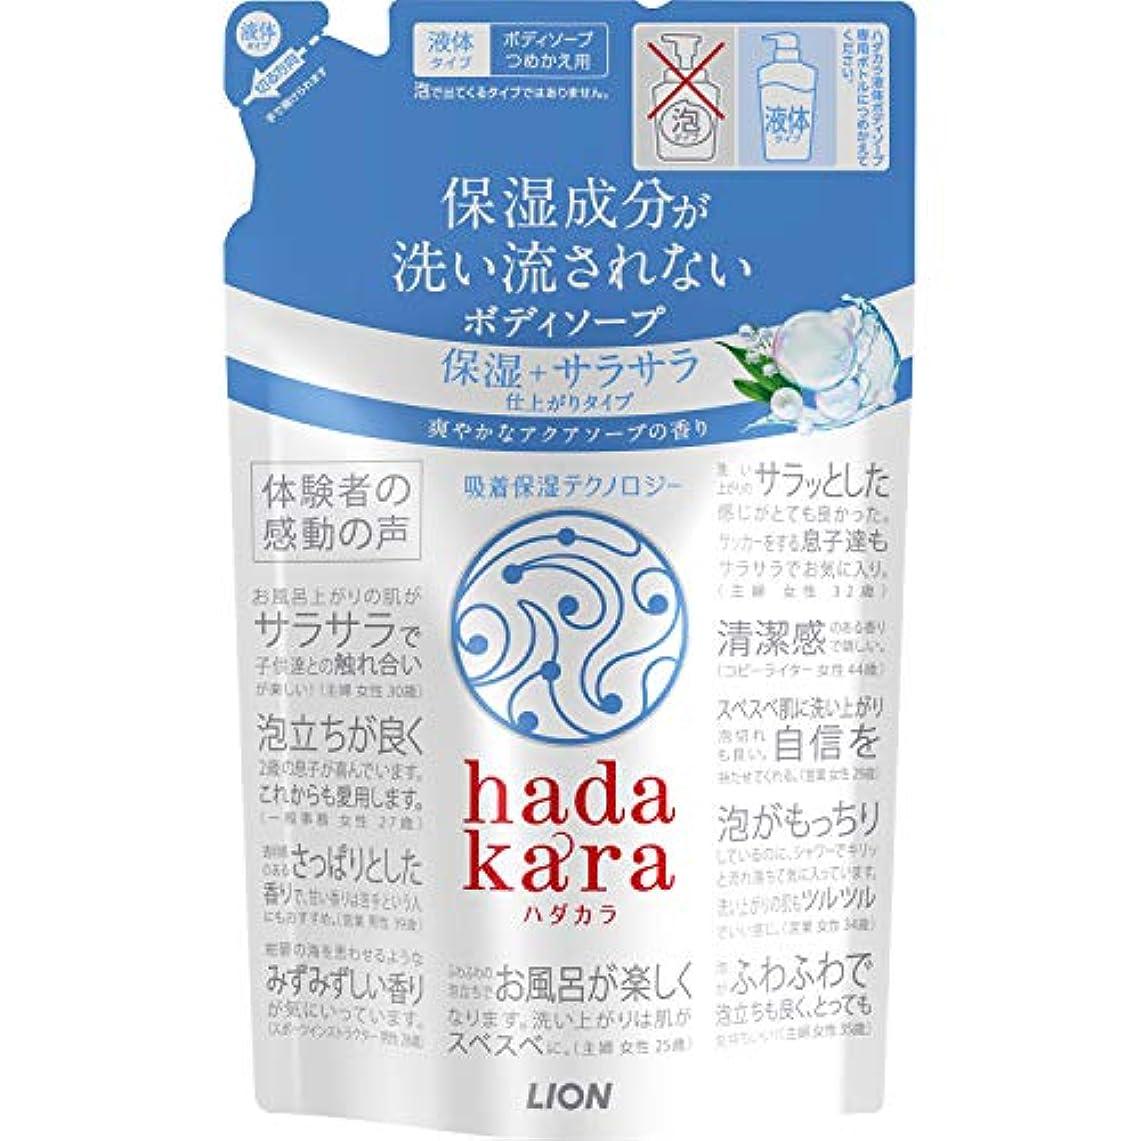 毎年どれか全体hadakara(ハダカラ) ボディソープ 保湿+サラサラ仕上がりタイプ アクアソープの香り 詰め替え 340ml